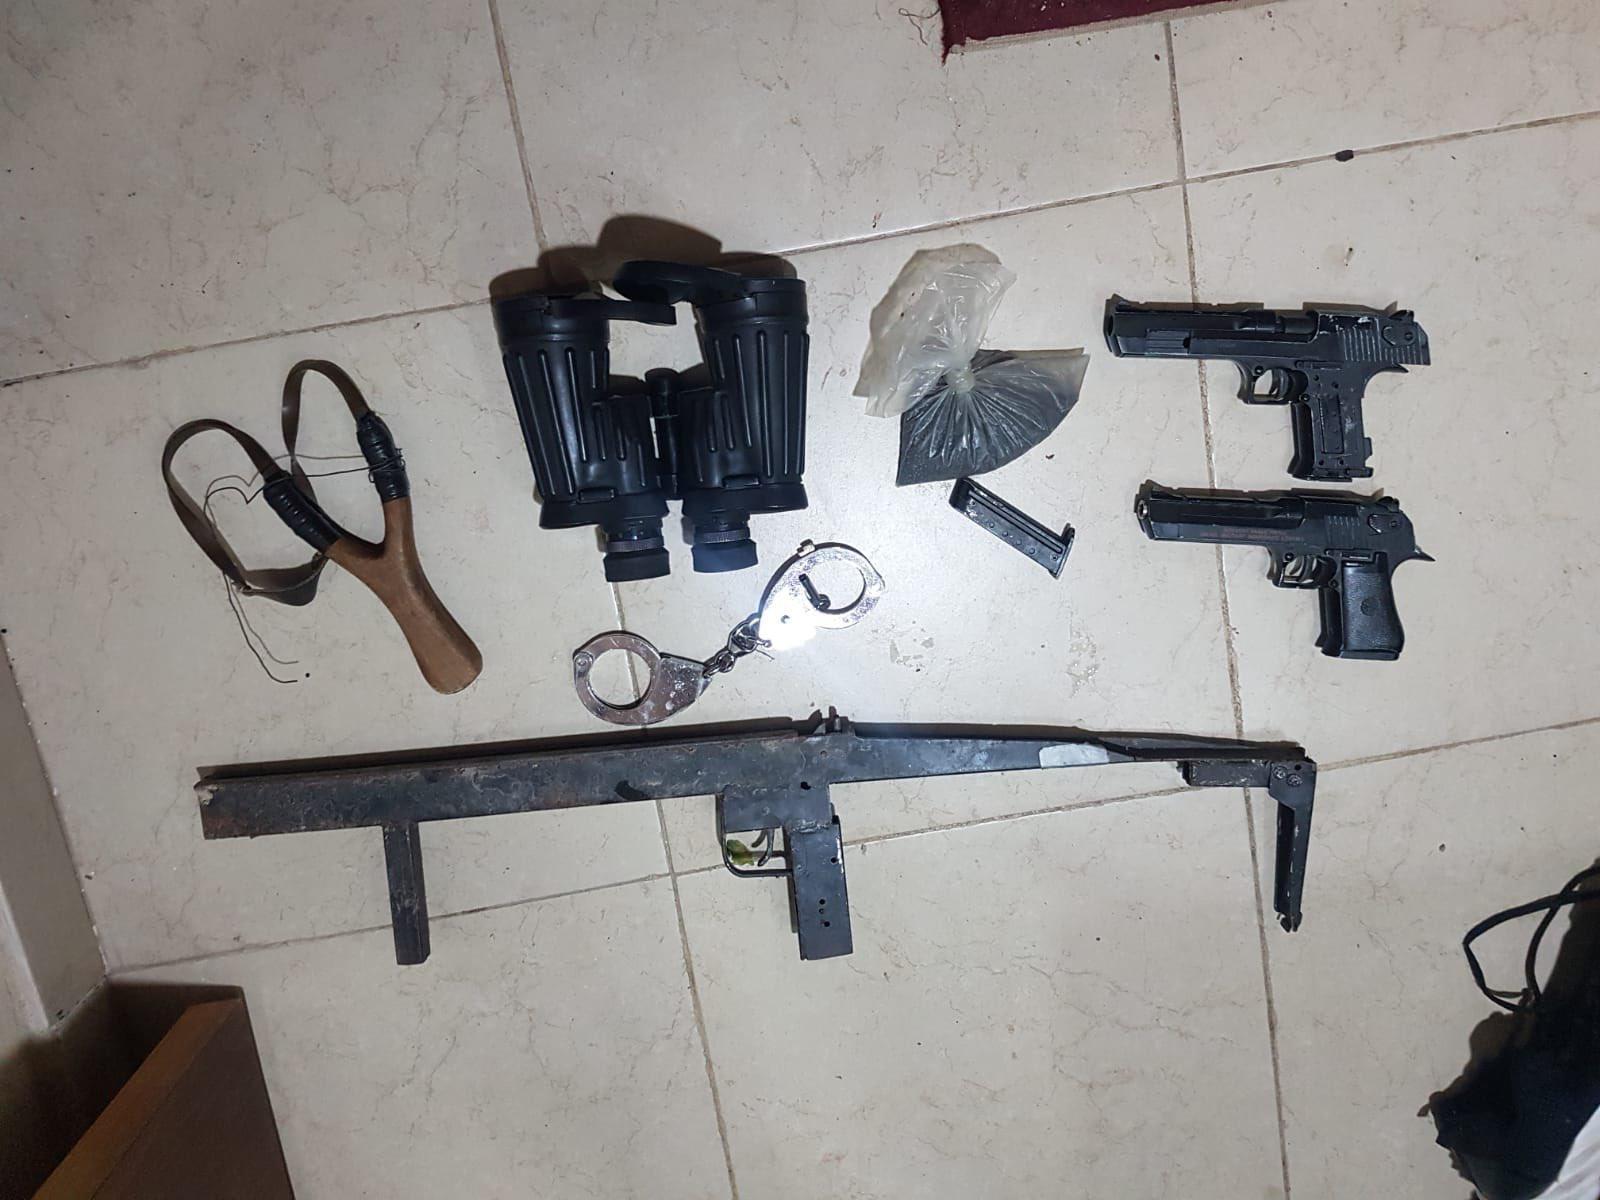 الاحتلال يصادر أموالاً ويزعم العثور على أسلحة بالضفة الغربية